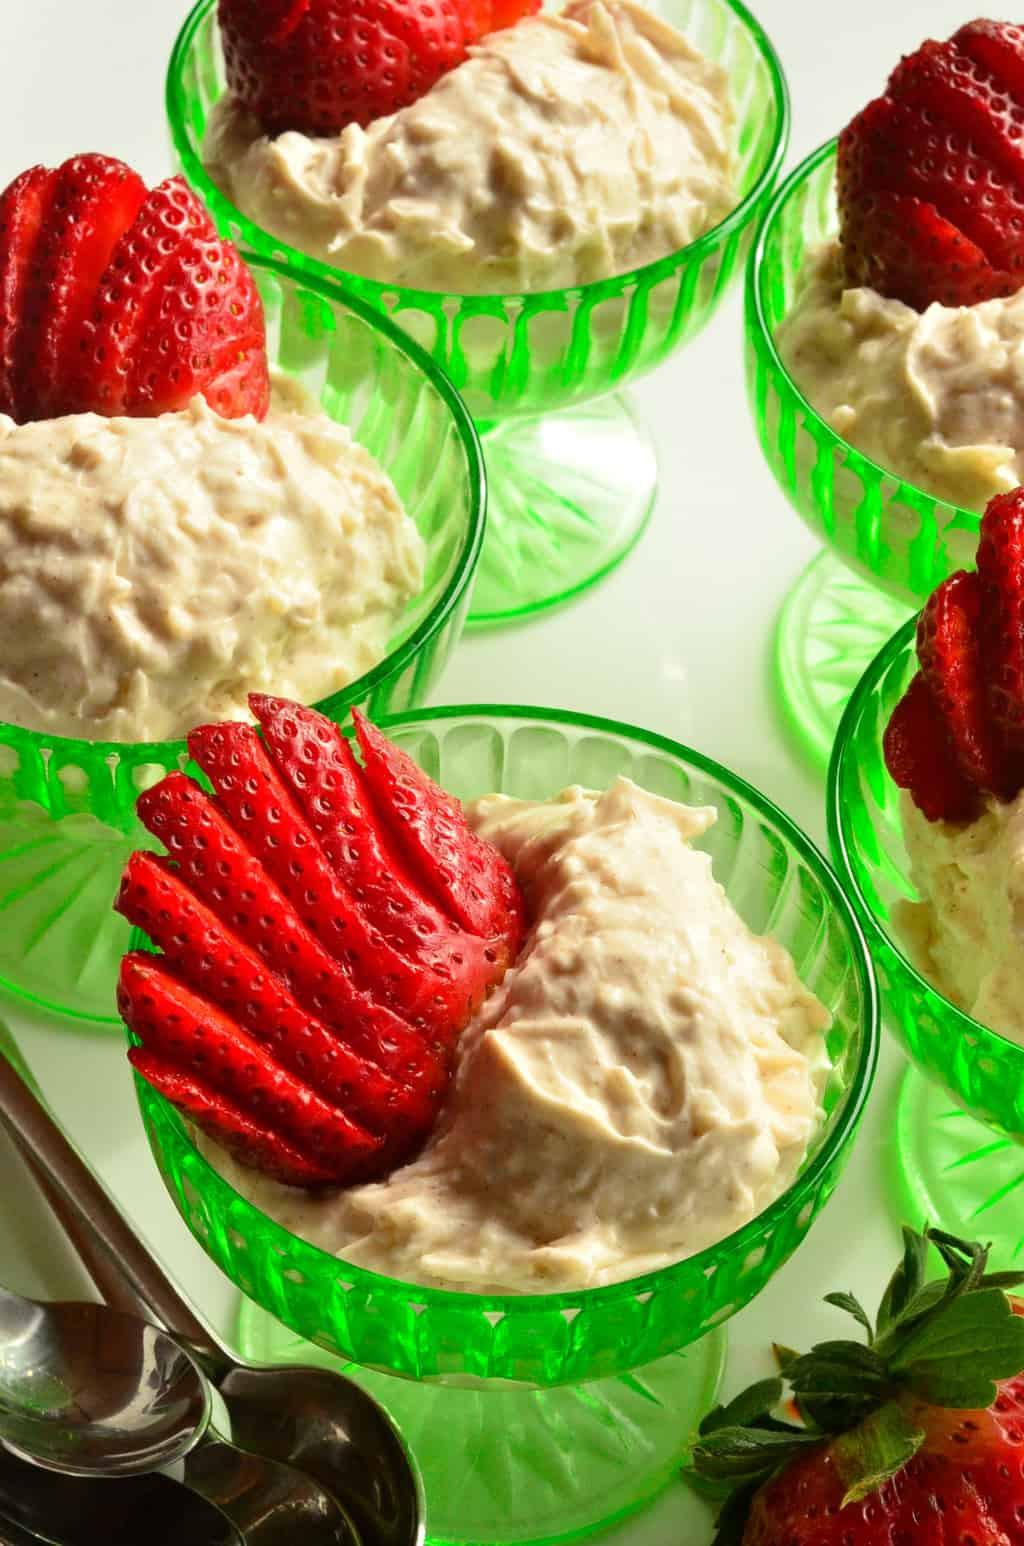 Easy Vegan Dessert  Easy Vegan Dessert 5 Minute Vegan Coconut Cream Dessert